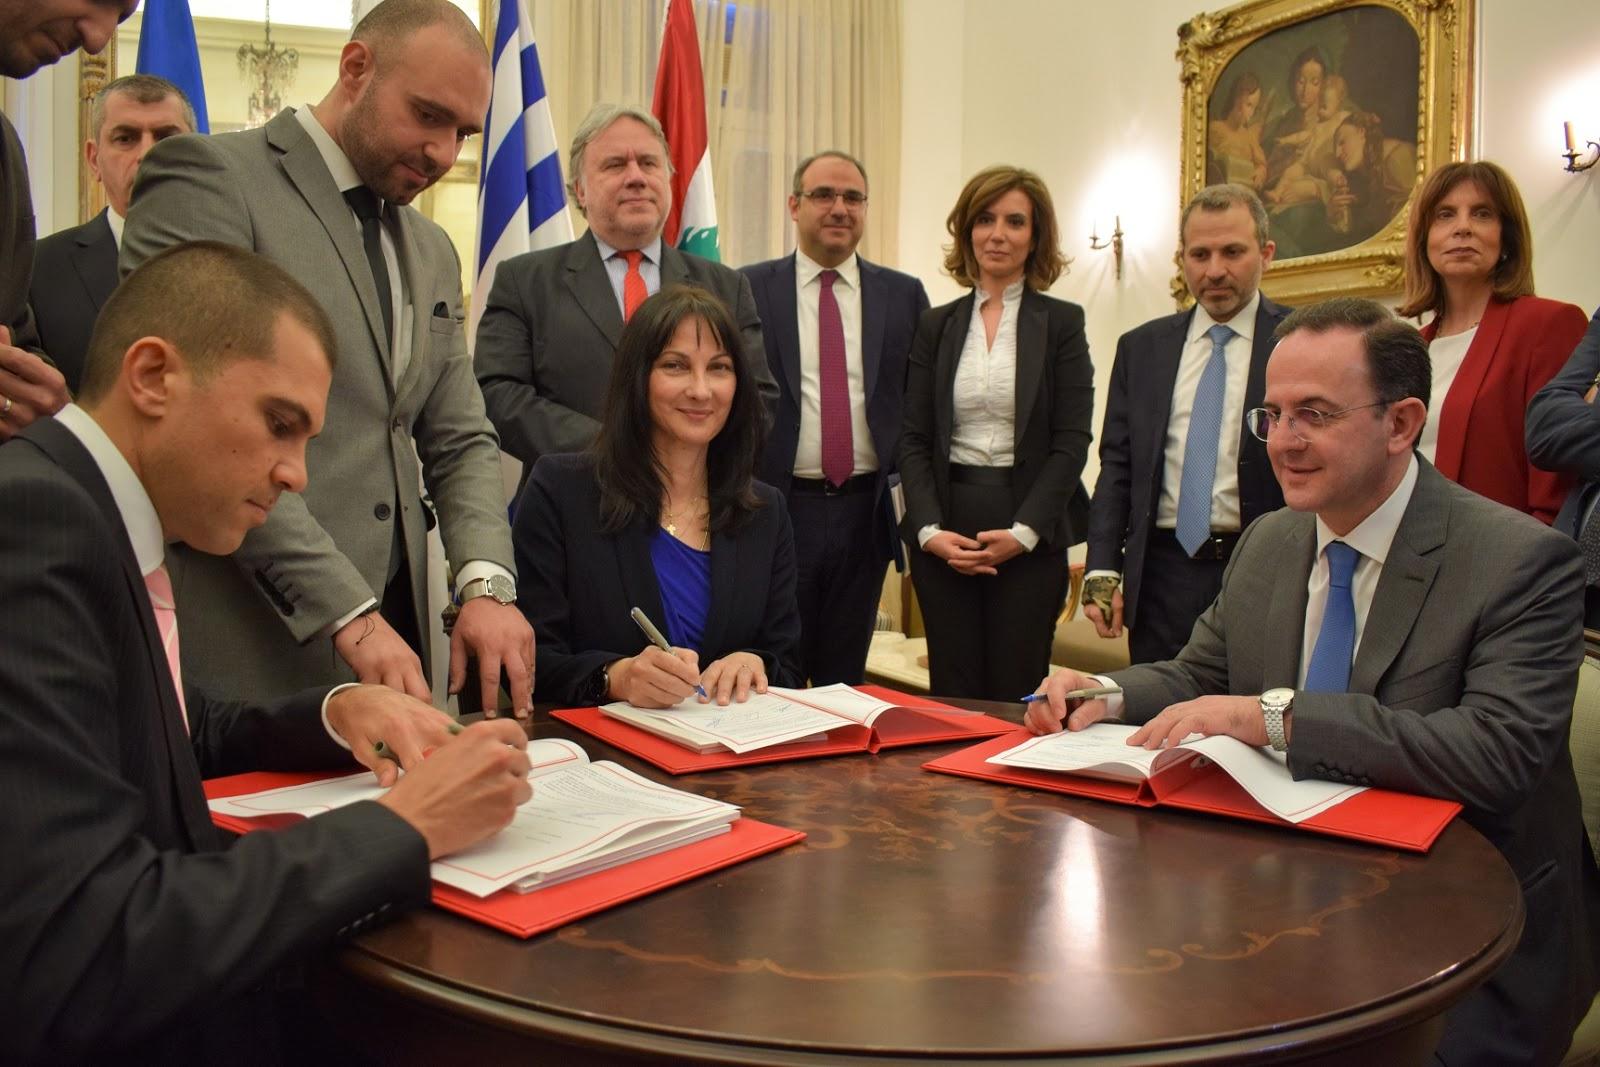 Διεθνής οργανισμός του ΟΗΕ με έδρα την Ελλάδα μετά από πρωτοβουλία Κουντουρά